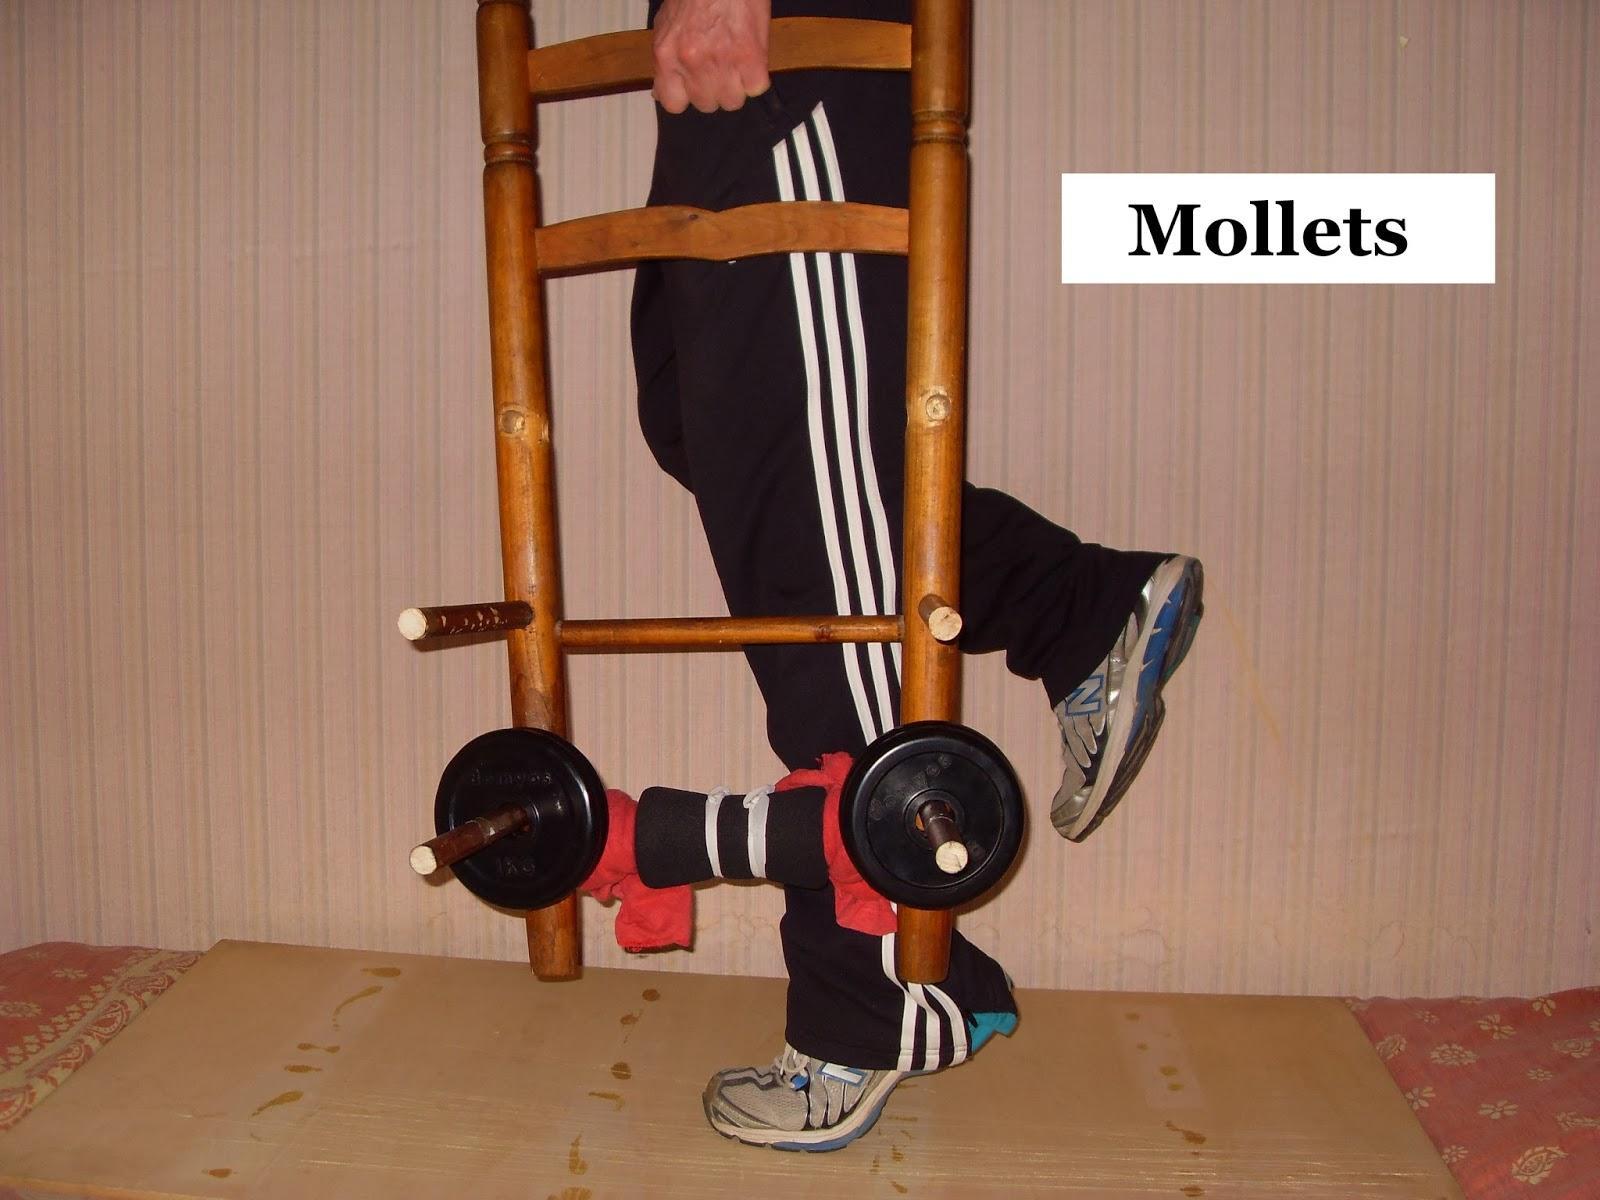 dossport halt re pour les jambes et fessiers mouvement musculation pour travailler les mollets. Black Bedroom Furniture Sets. Home Design Ideas